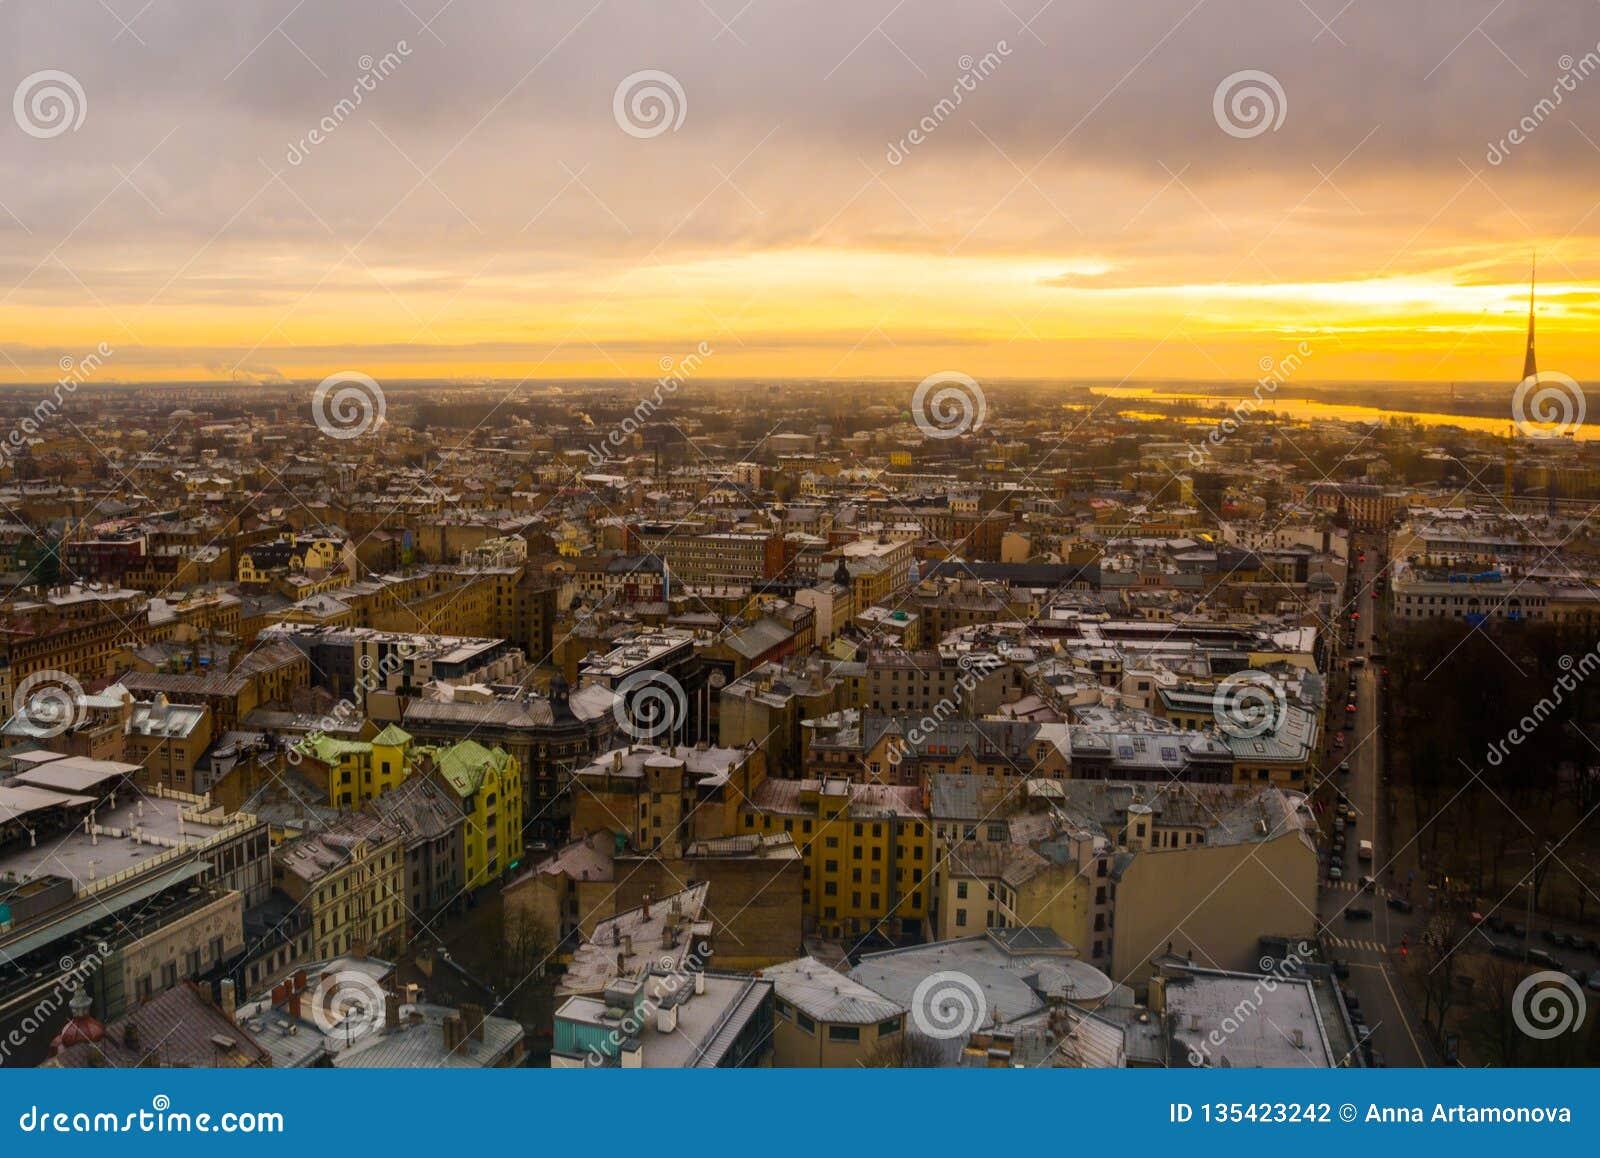 Riga, Lettland: Ansicht von Riga von der Aussichtsplattform Schöne Draufsicht der Stadt bei Sonnenuntergang